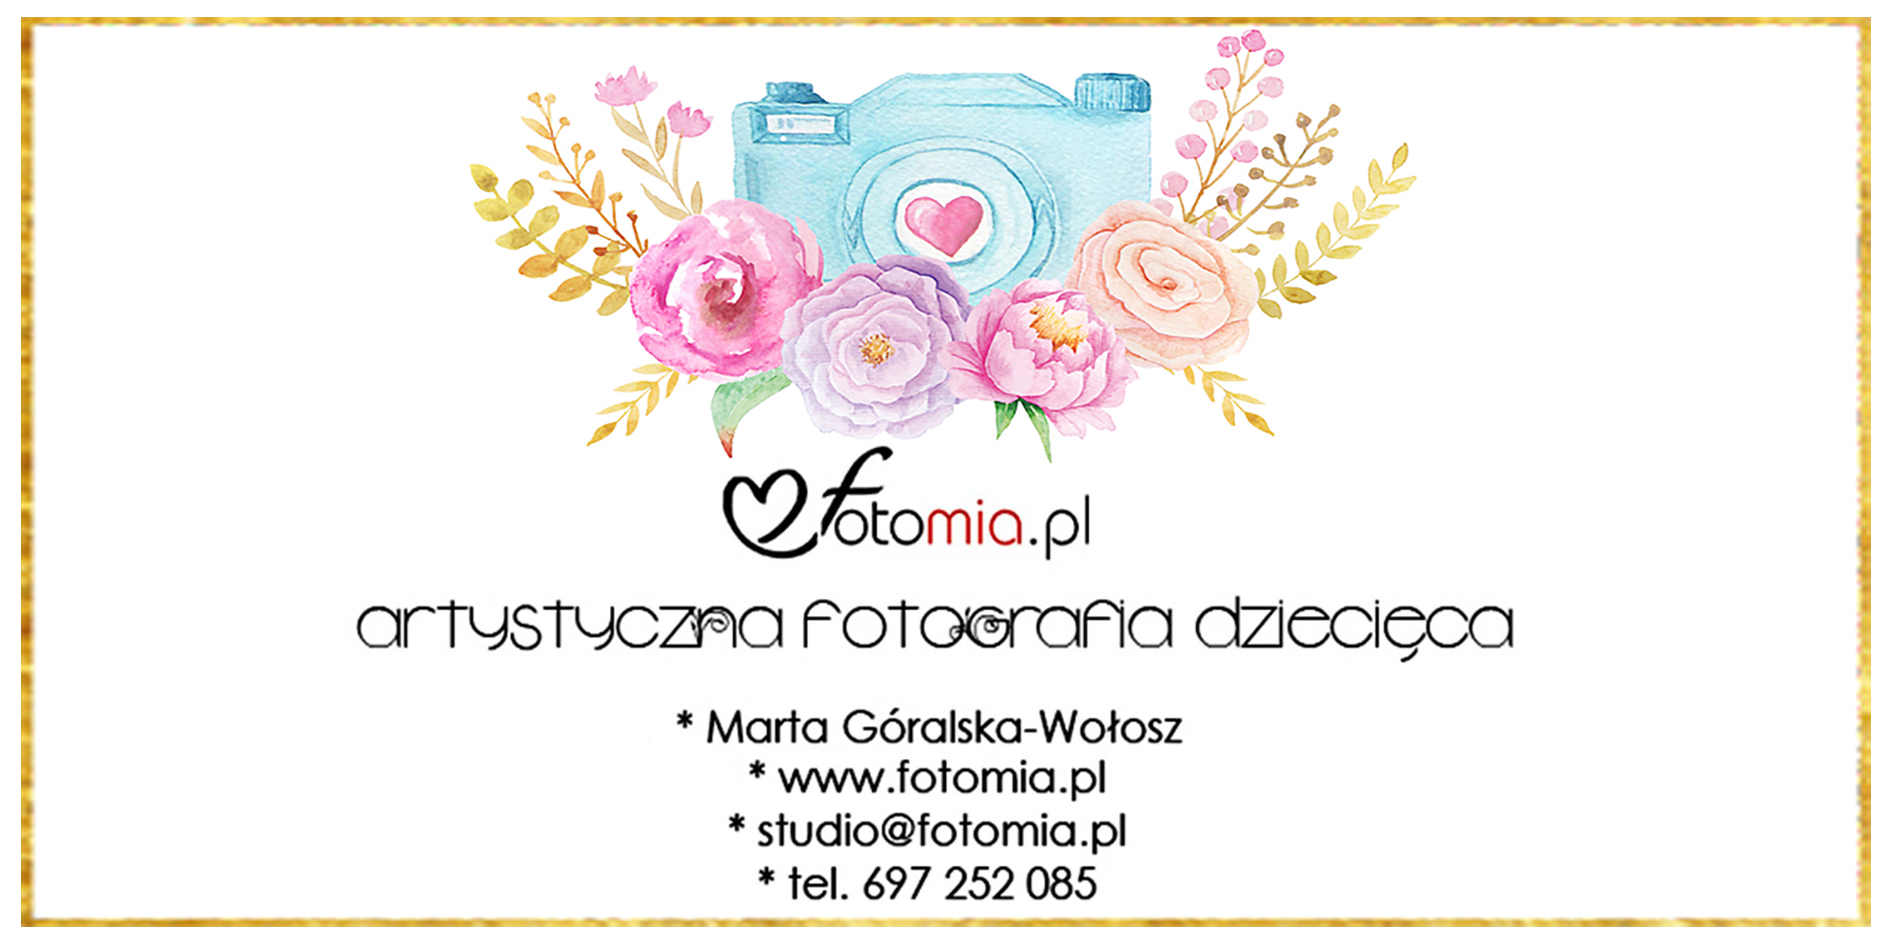 www.fotomia.pl